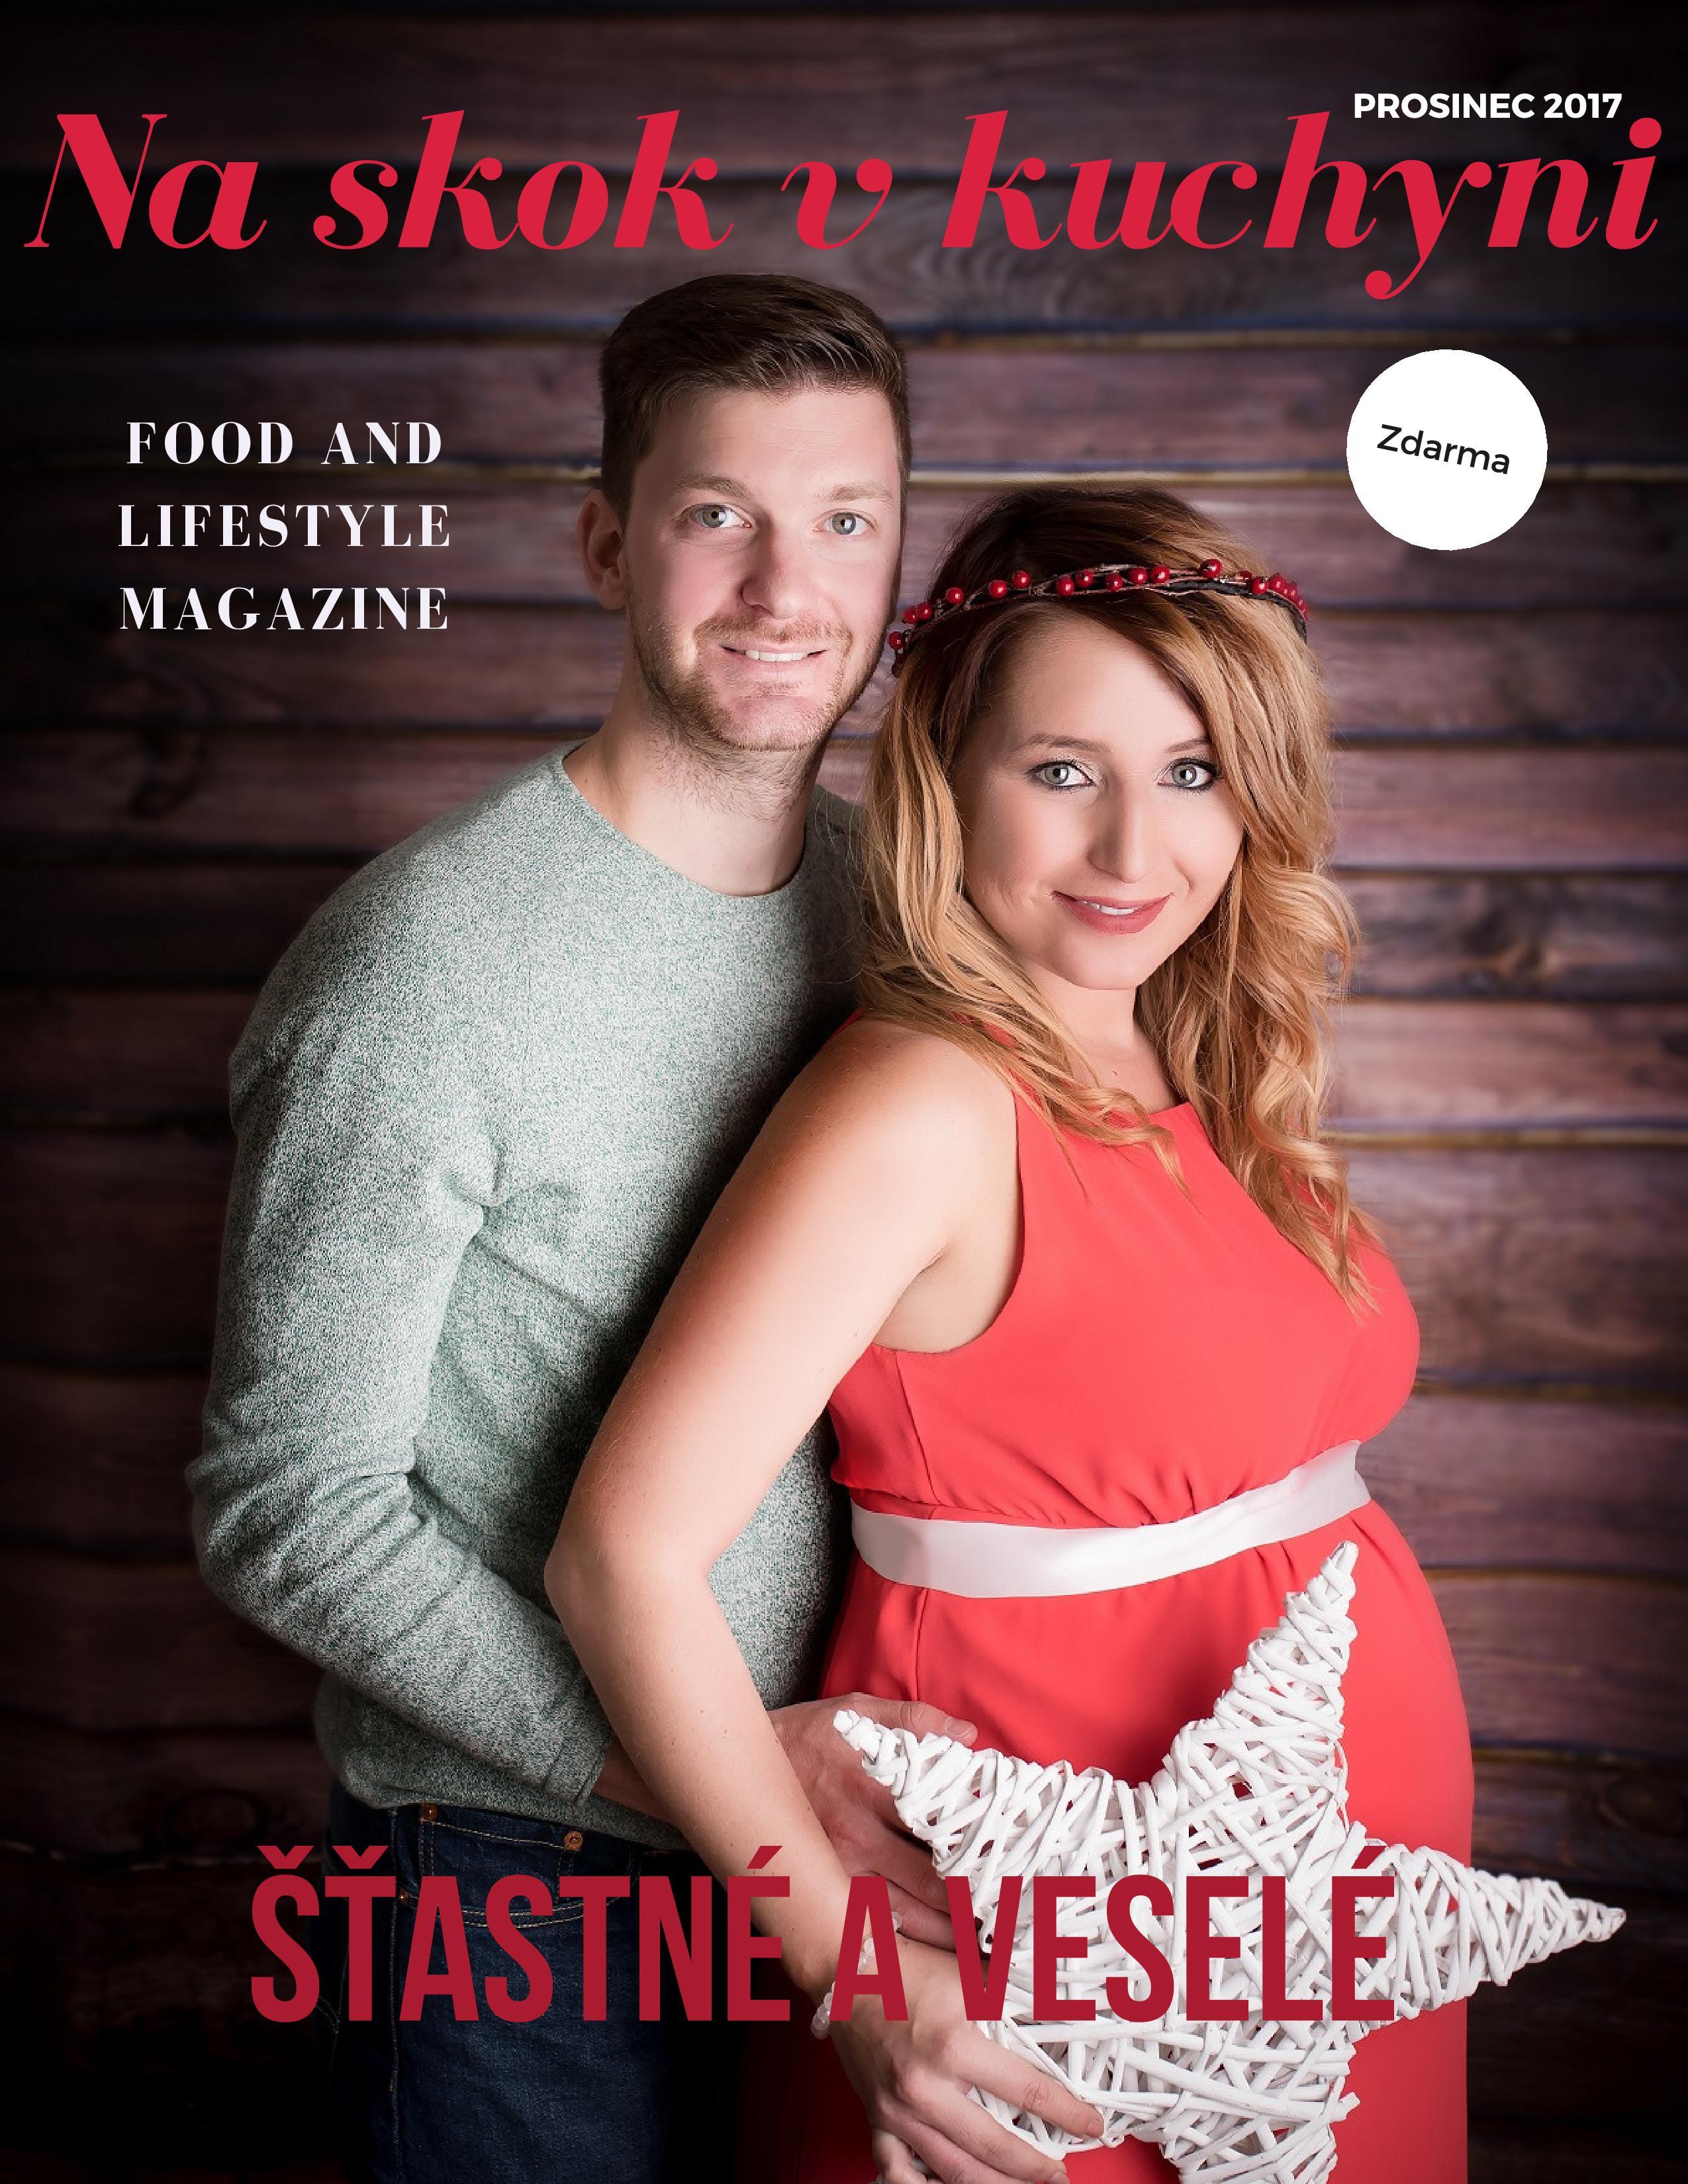 Magazín Na skok v kuchyni prosinec 2017